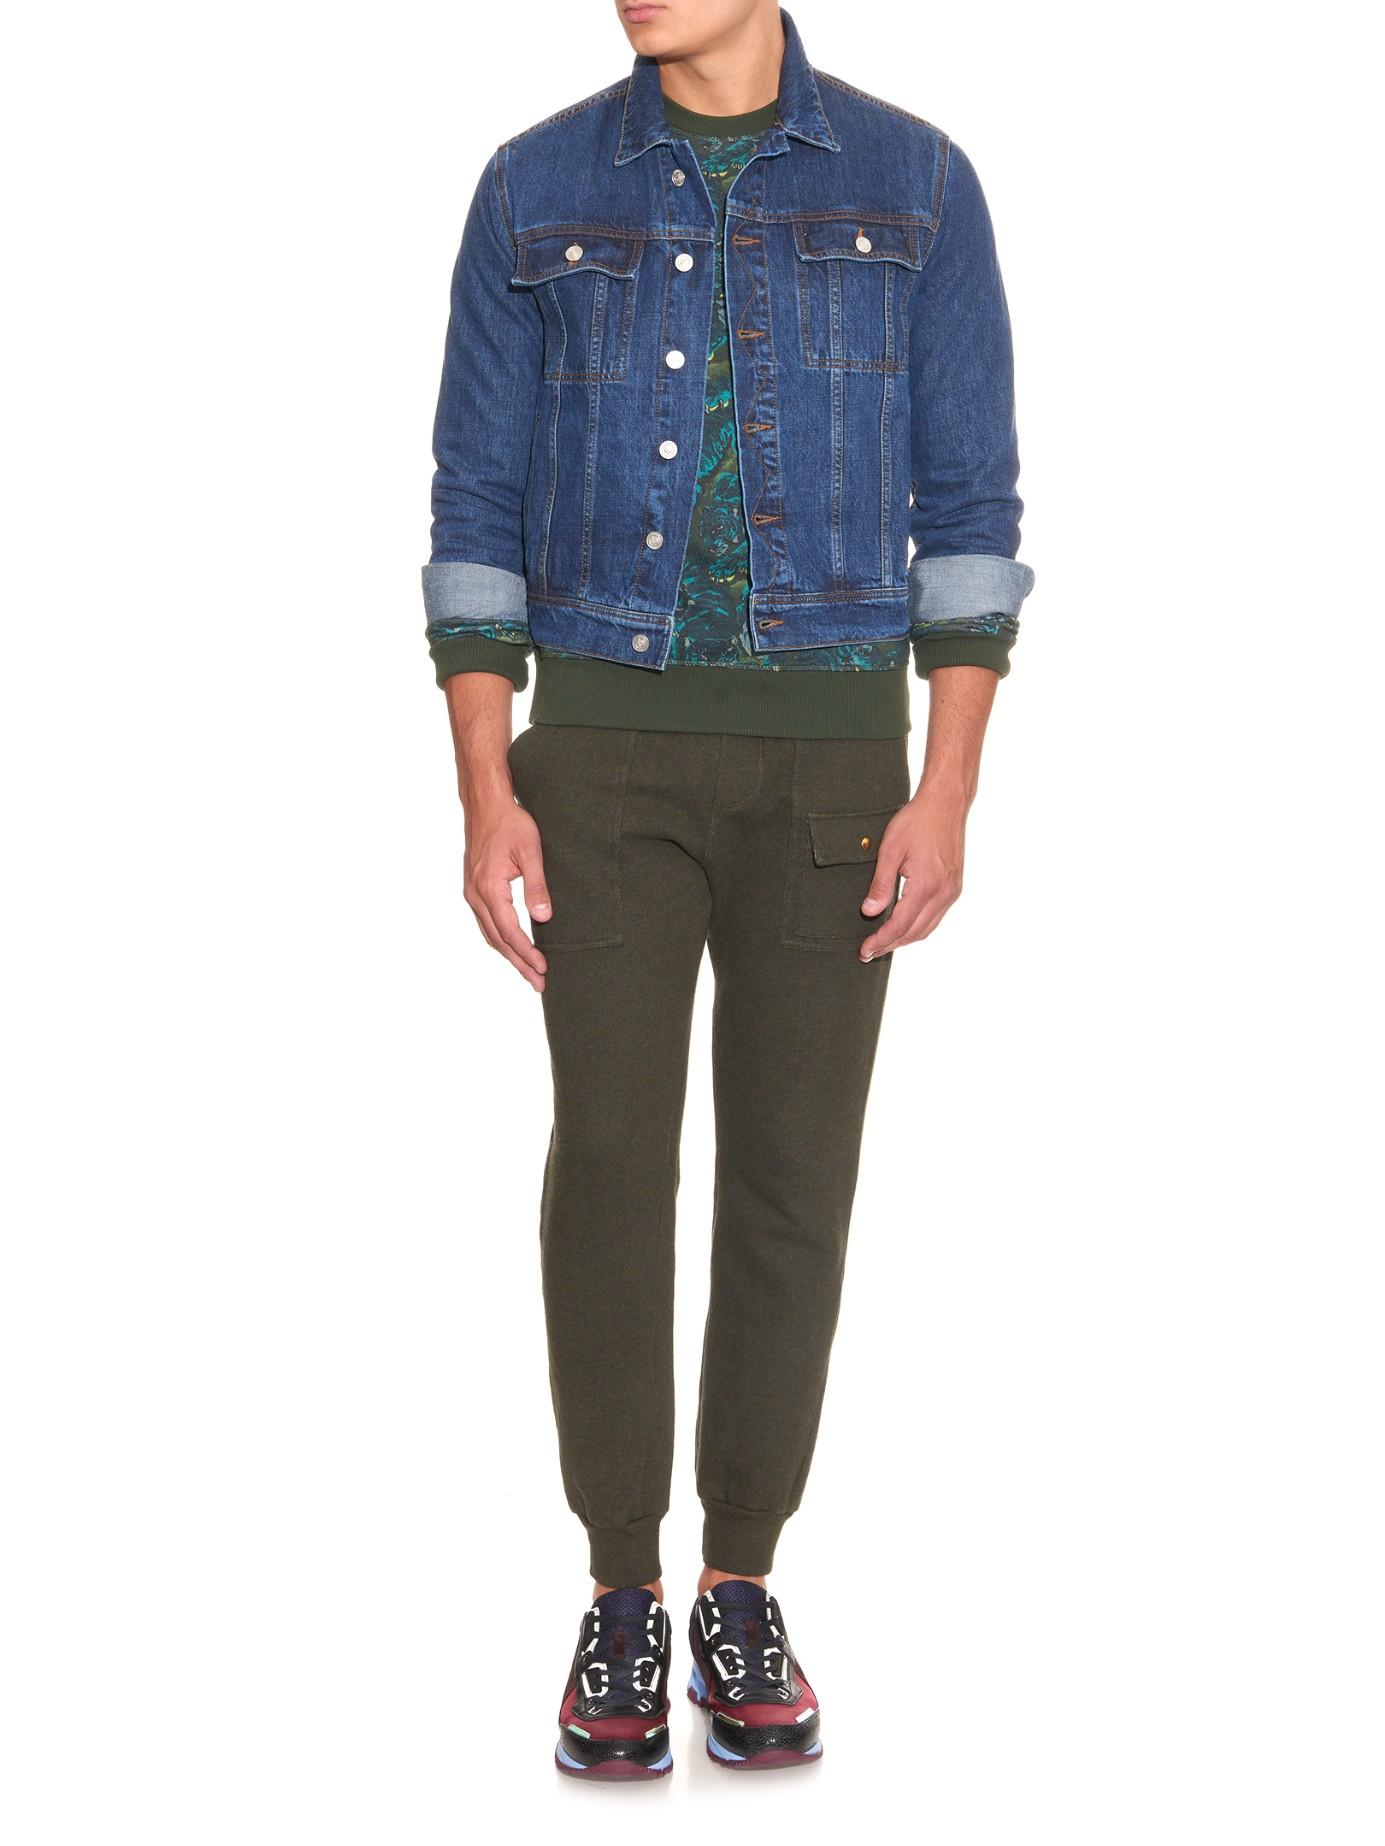 Kenzo Embroideredback Denim Jacket In Blue For Men  Lyst